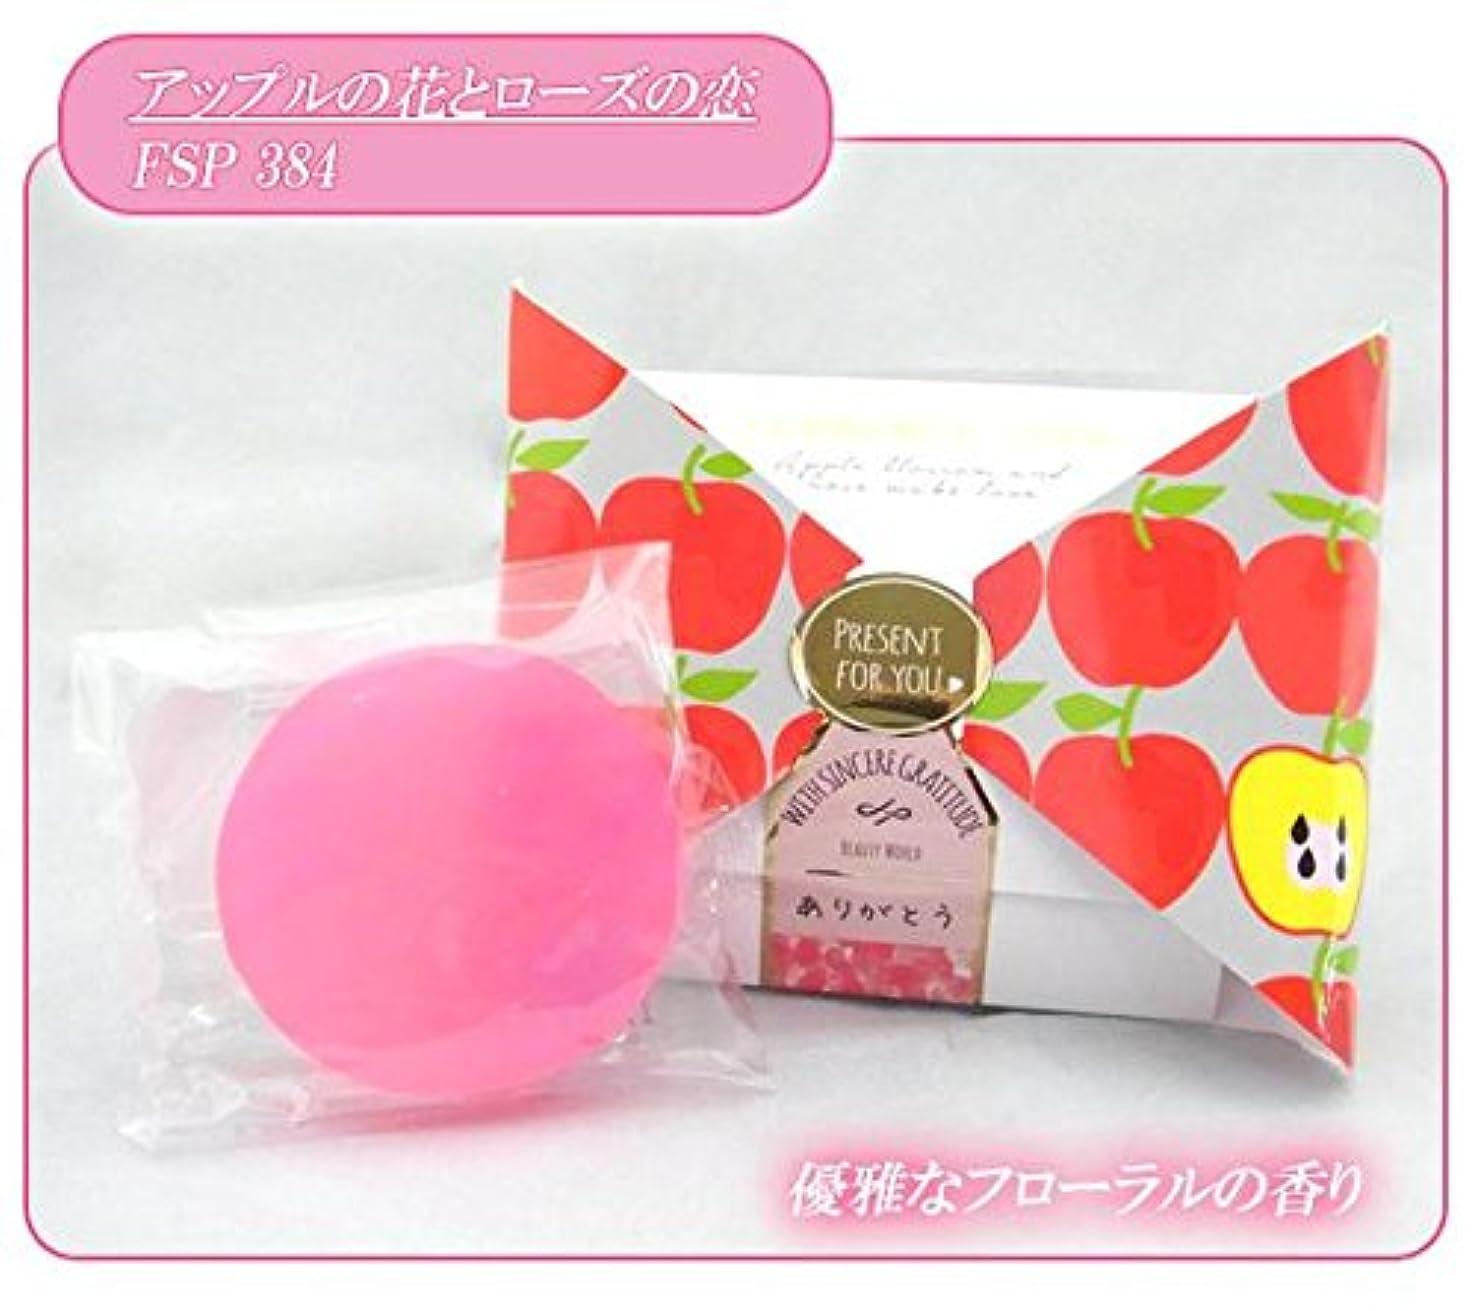 ダッシュインカ帝国なめらかなビューティーワールド BWフローレンスの香り石けん リボンパッケージ 6個セット アップルの花とローズの恋